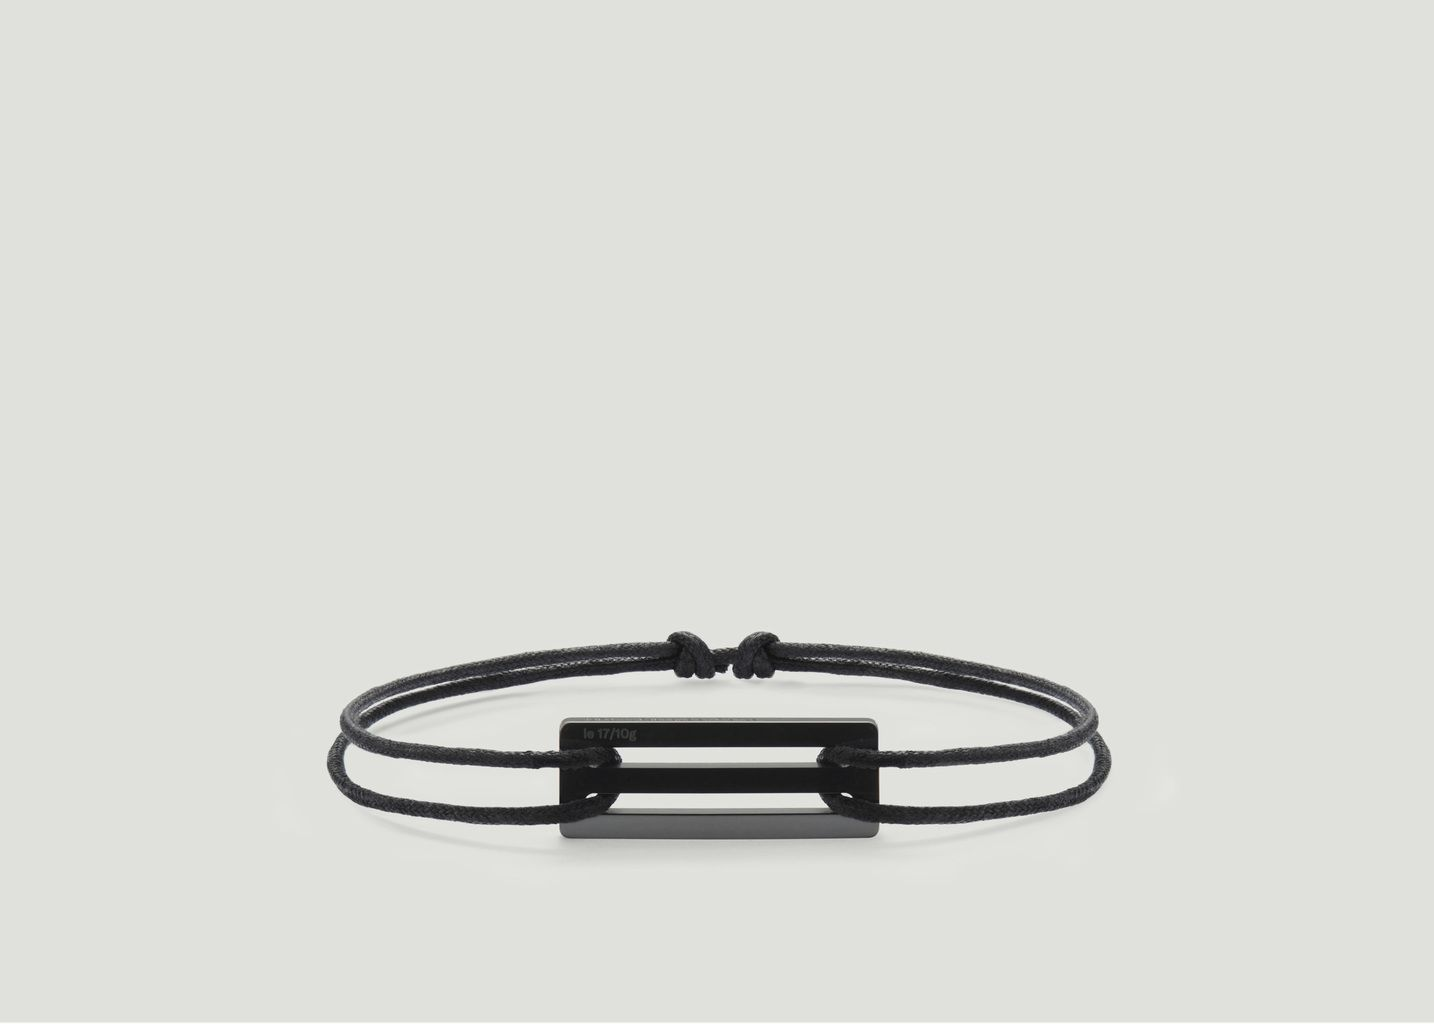 Bracelet Cordon Céramique Le 17/10g - Le Gramme